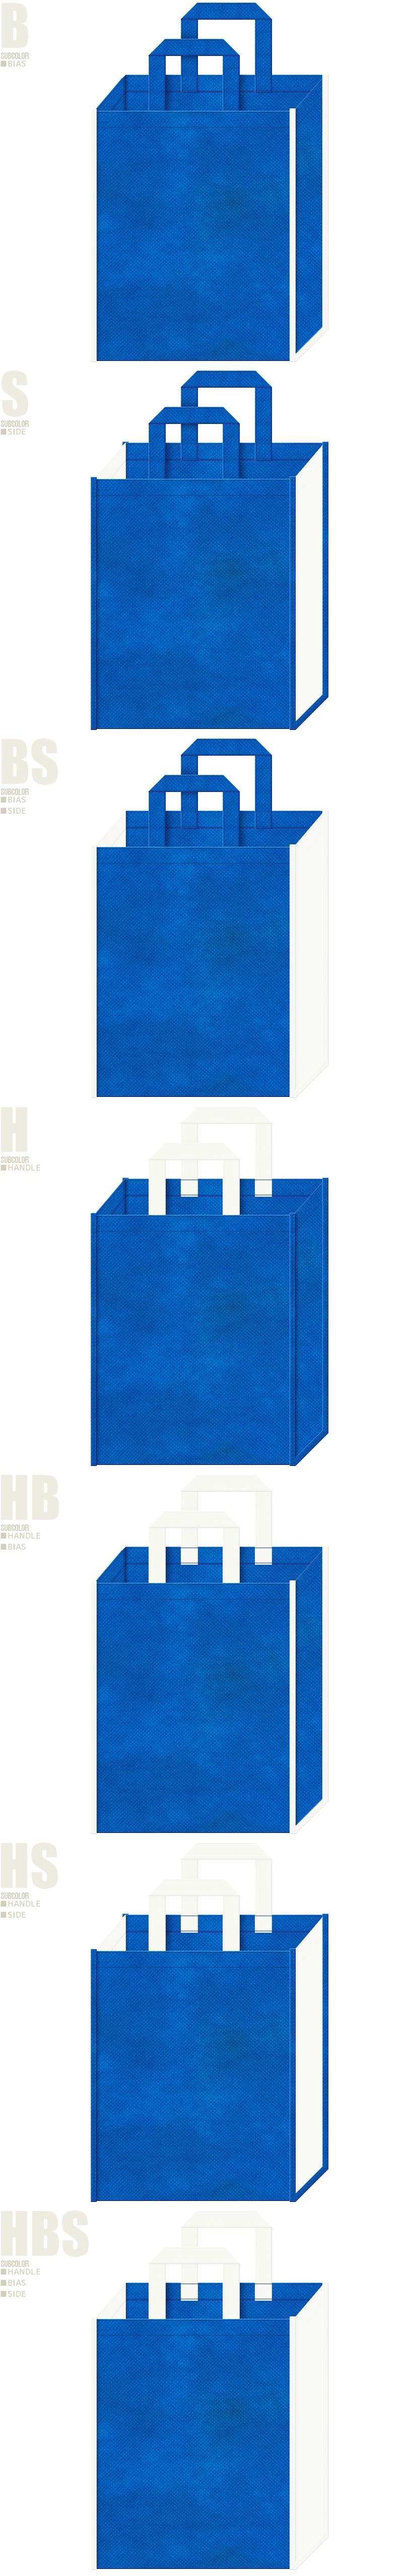 不織布トートバッグのデザイン例-不織布メインカラーNo.22+サブカラーNo.12の2色7パターン